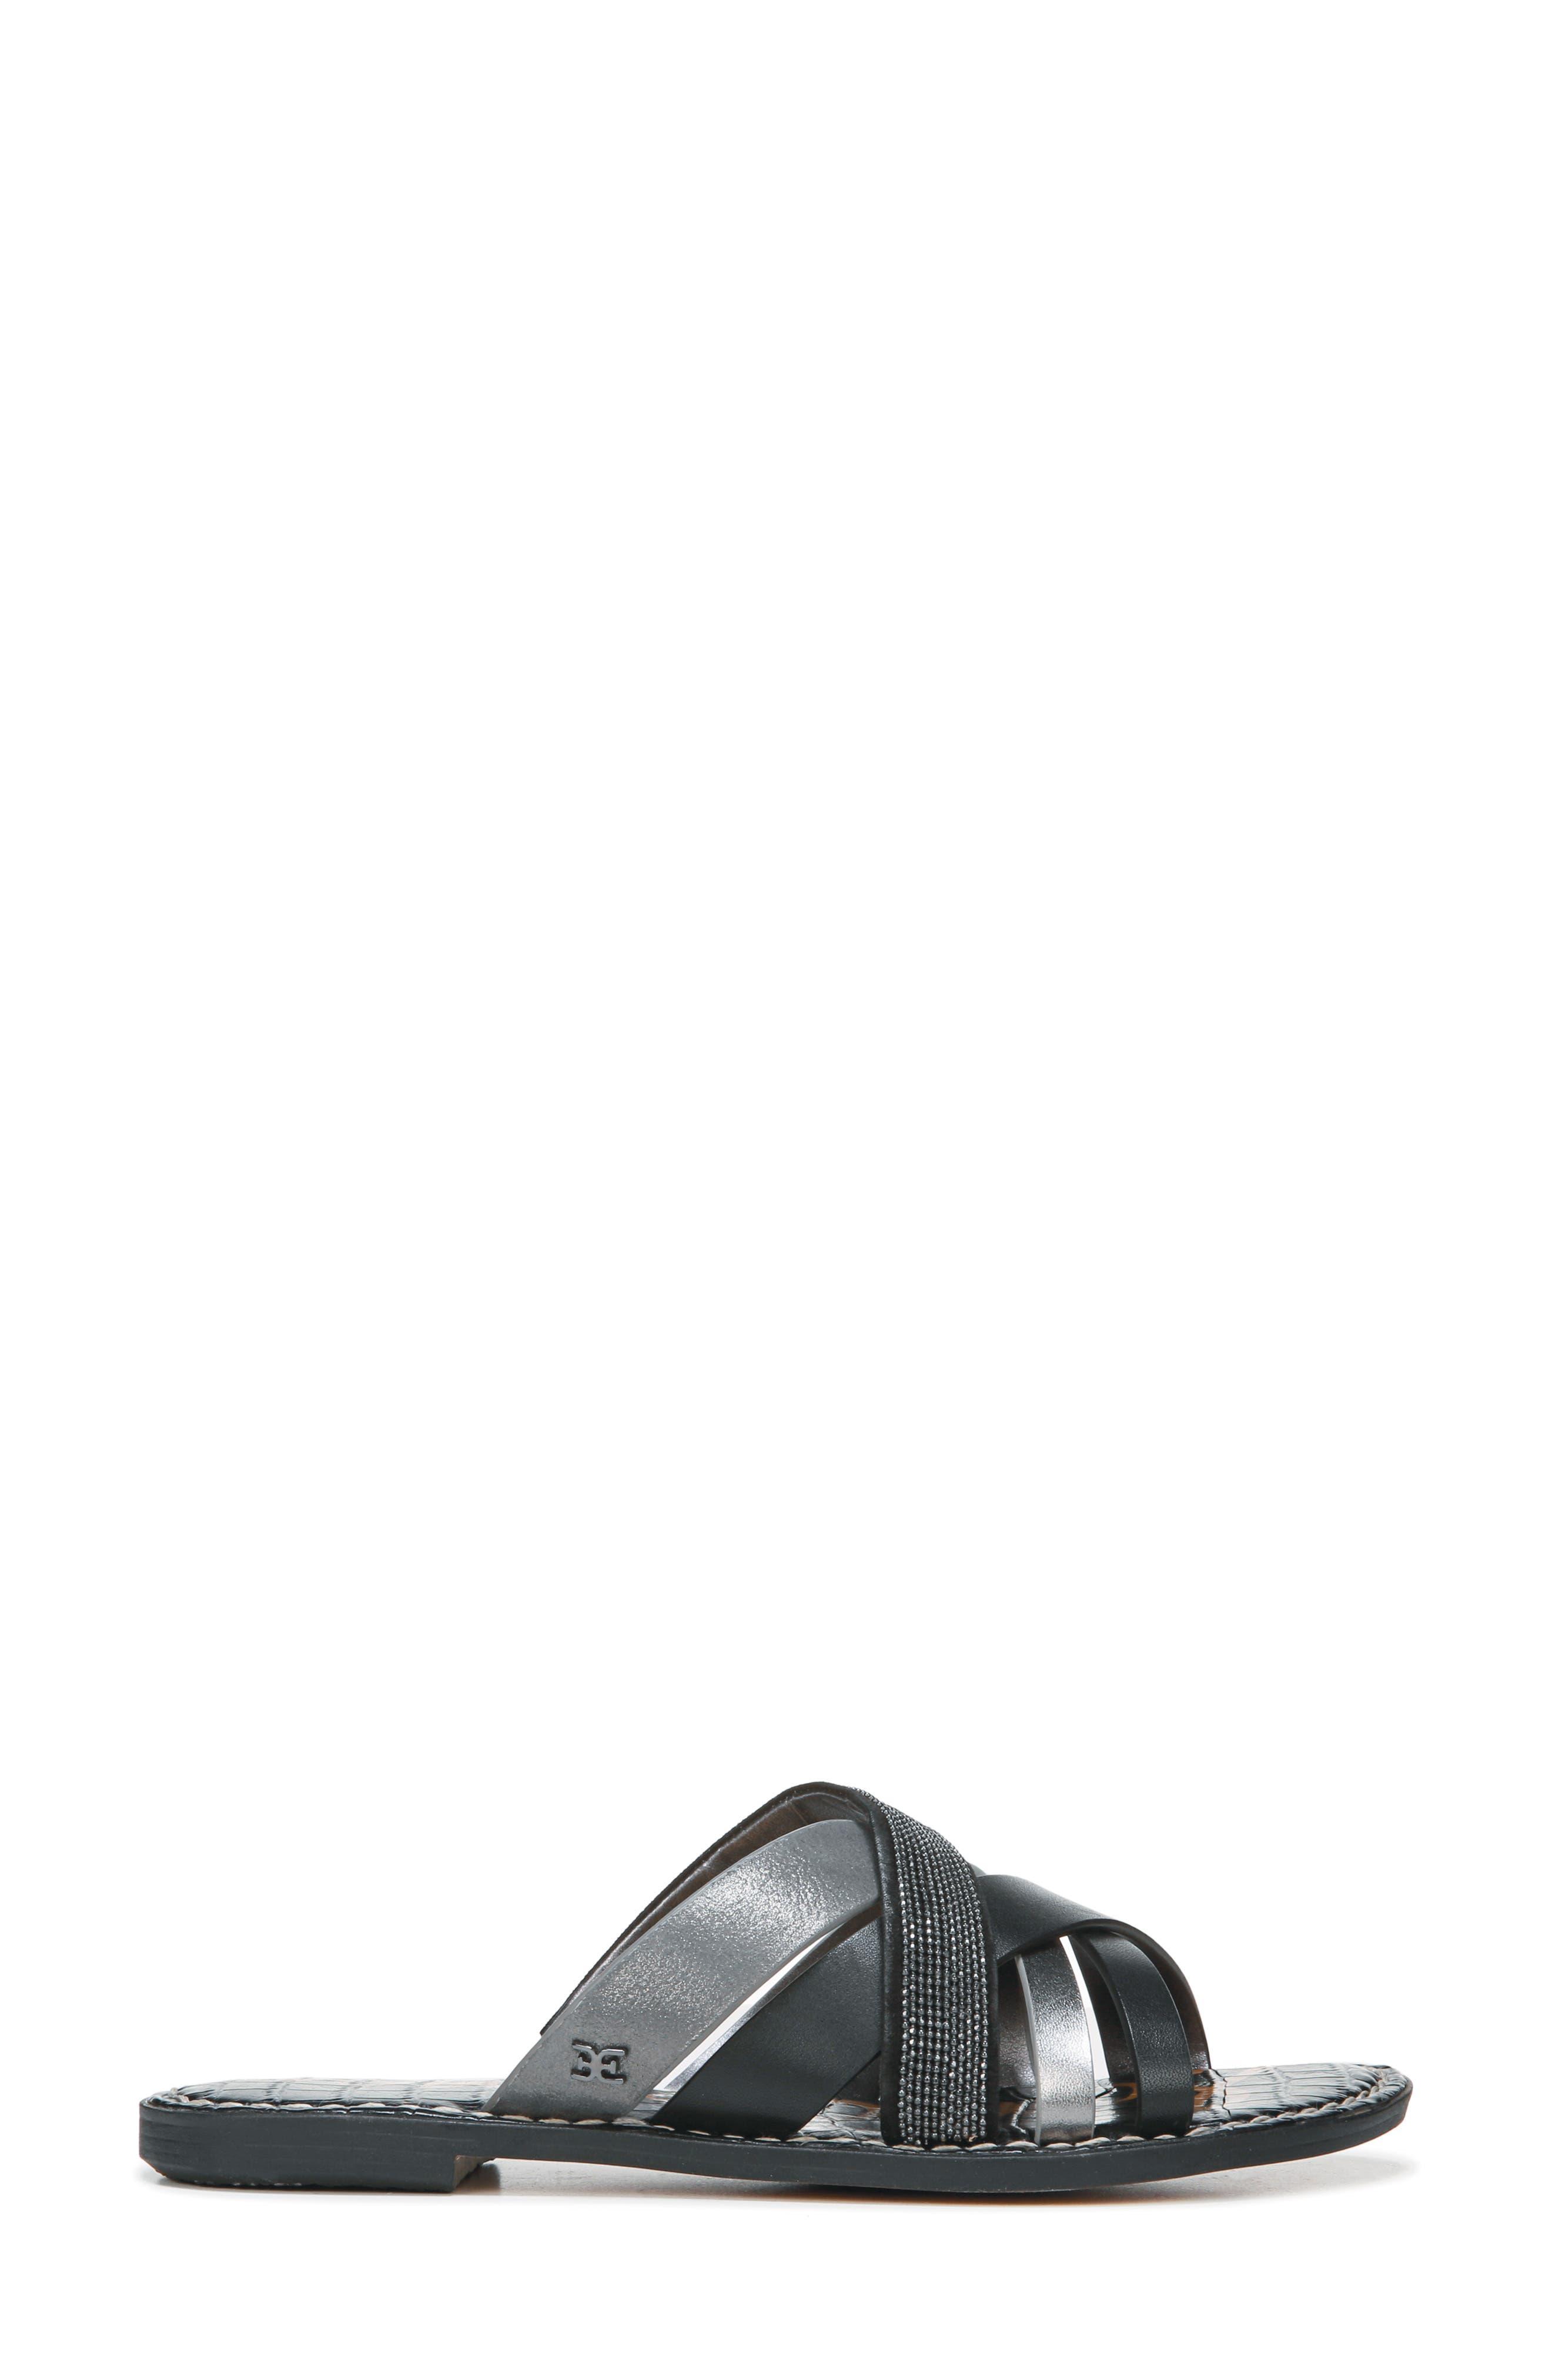 Glennia Slide Sandal,                             Alternate thumbnail 3, color,                             DARK PEWTER/ BLACK LEATHER